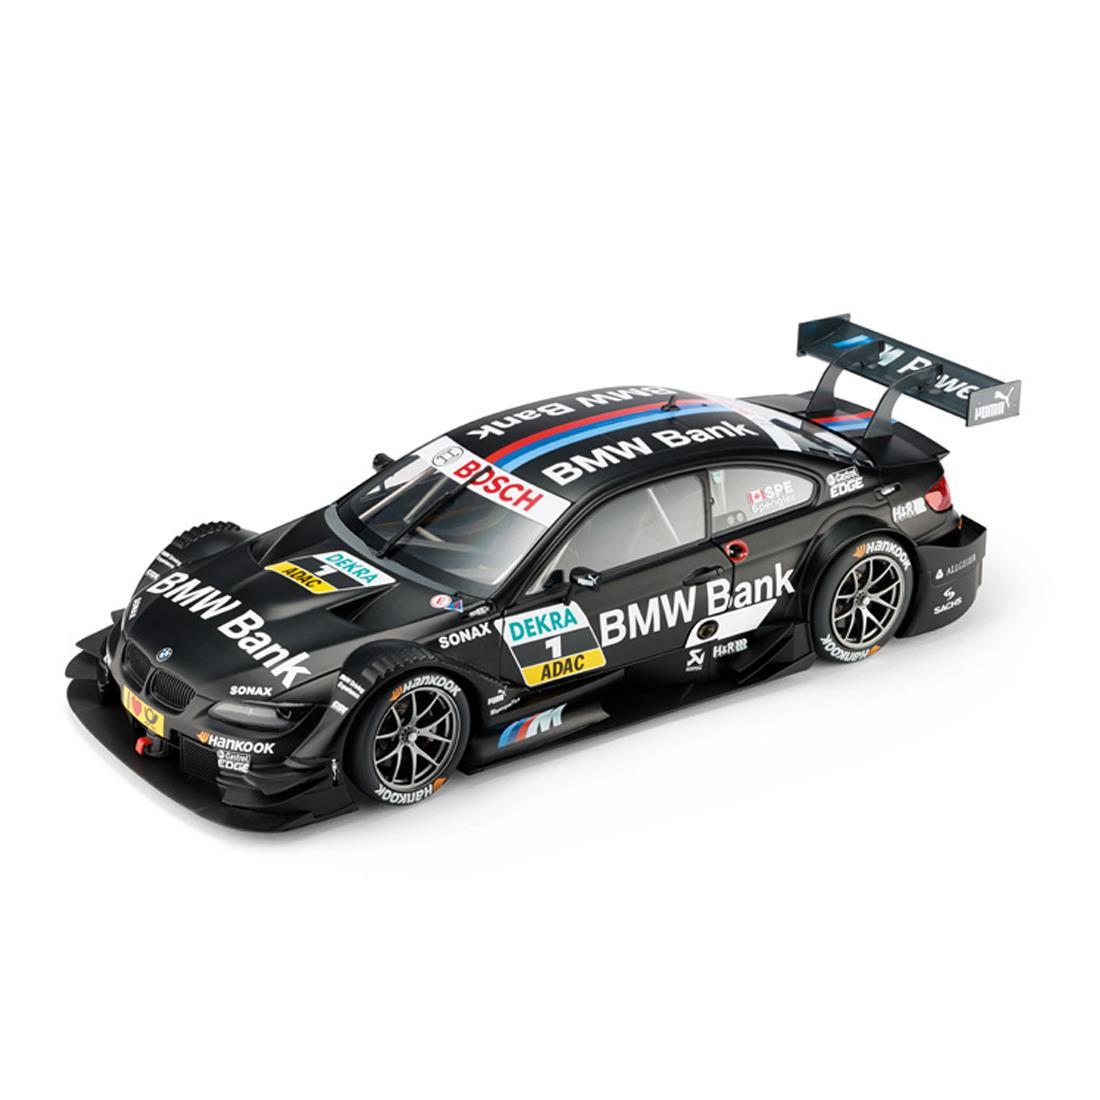 BMW M3 DTM 2013 Miniature